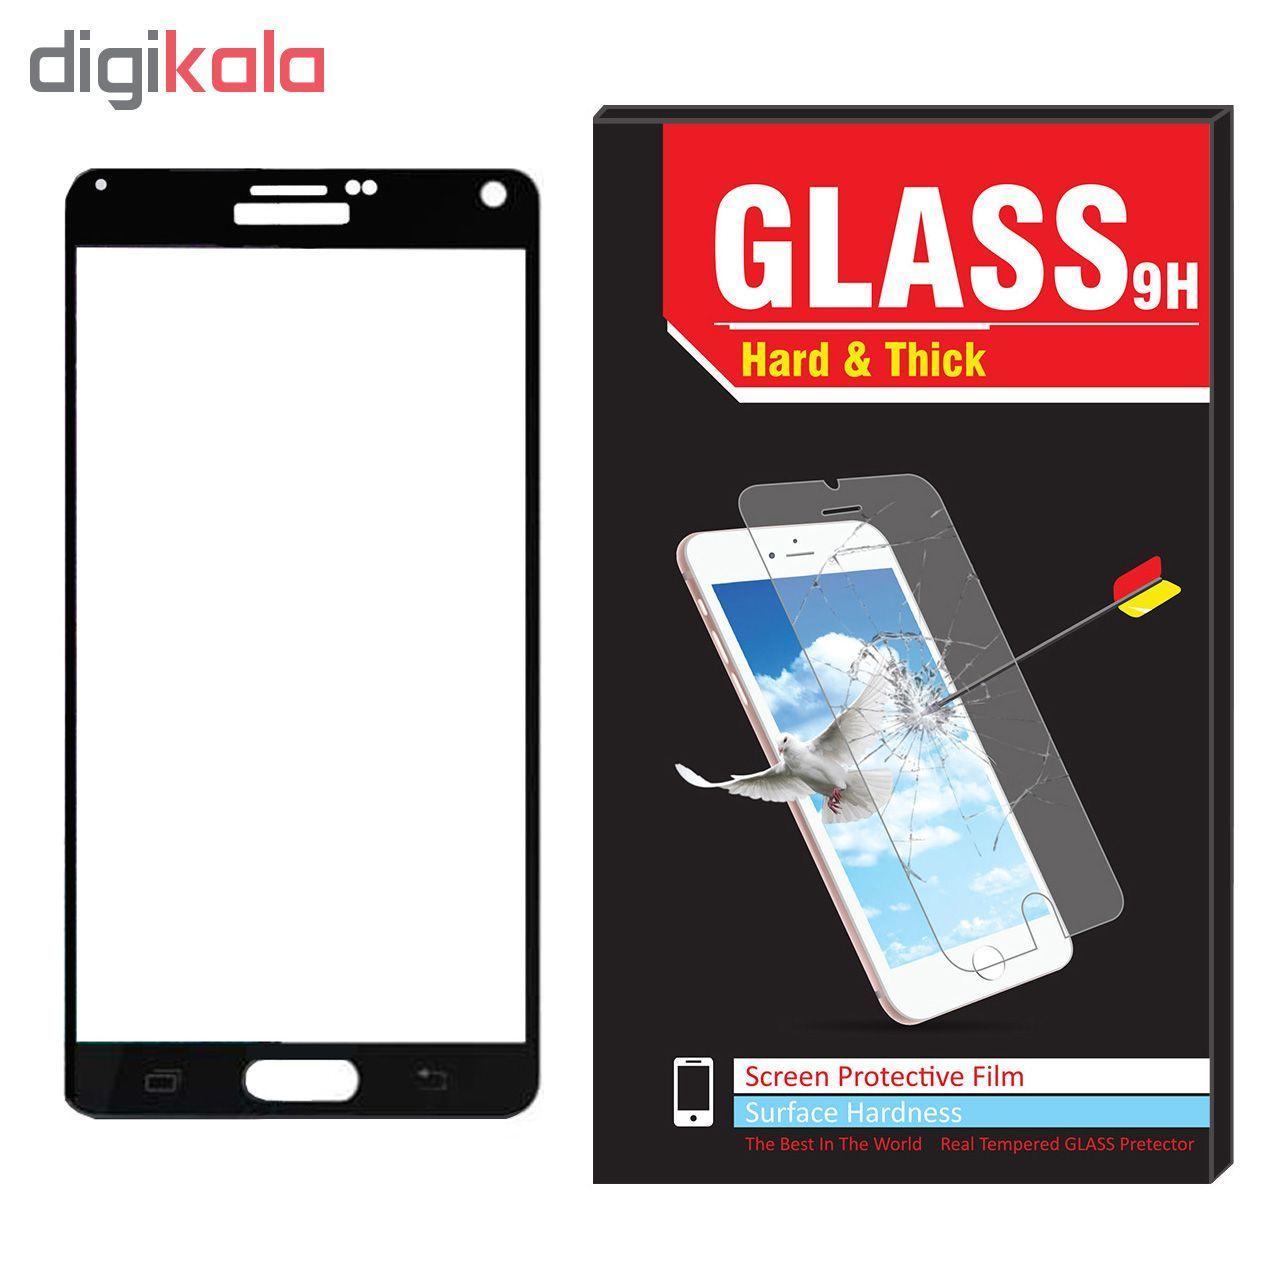 محافظ صفحه نمایش شیشه ای مدل Hard and thick فول کاور مناسب برای گوشی موبایل سامسونگ Galaxy note 4 main 1 1